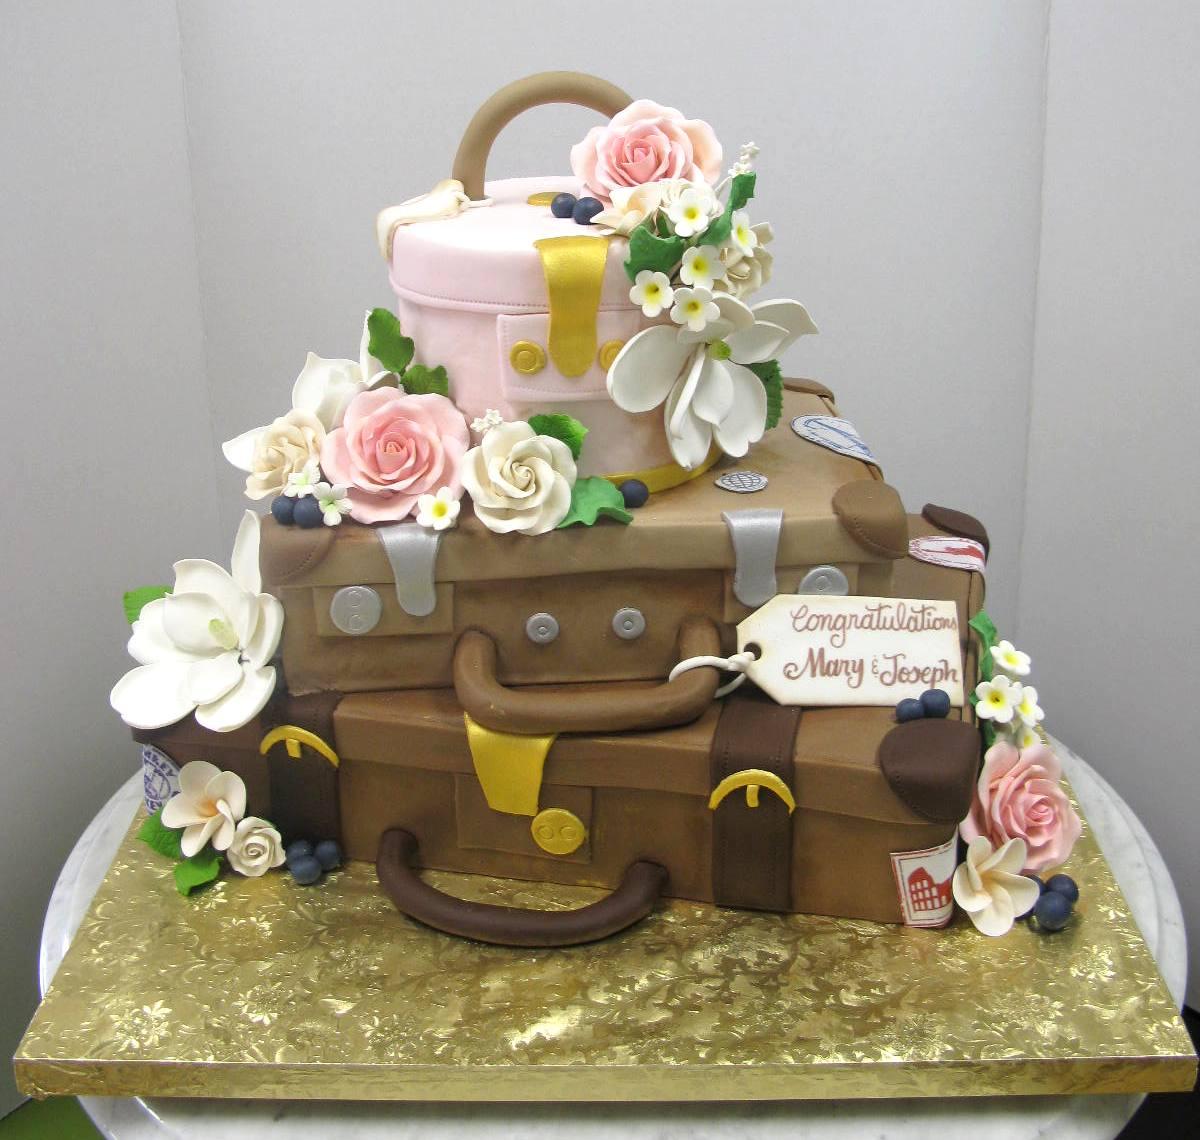 Bridal Suitcases